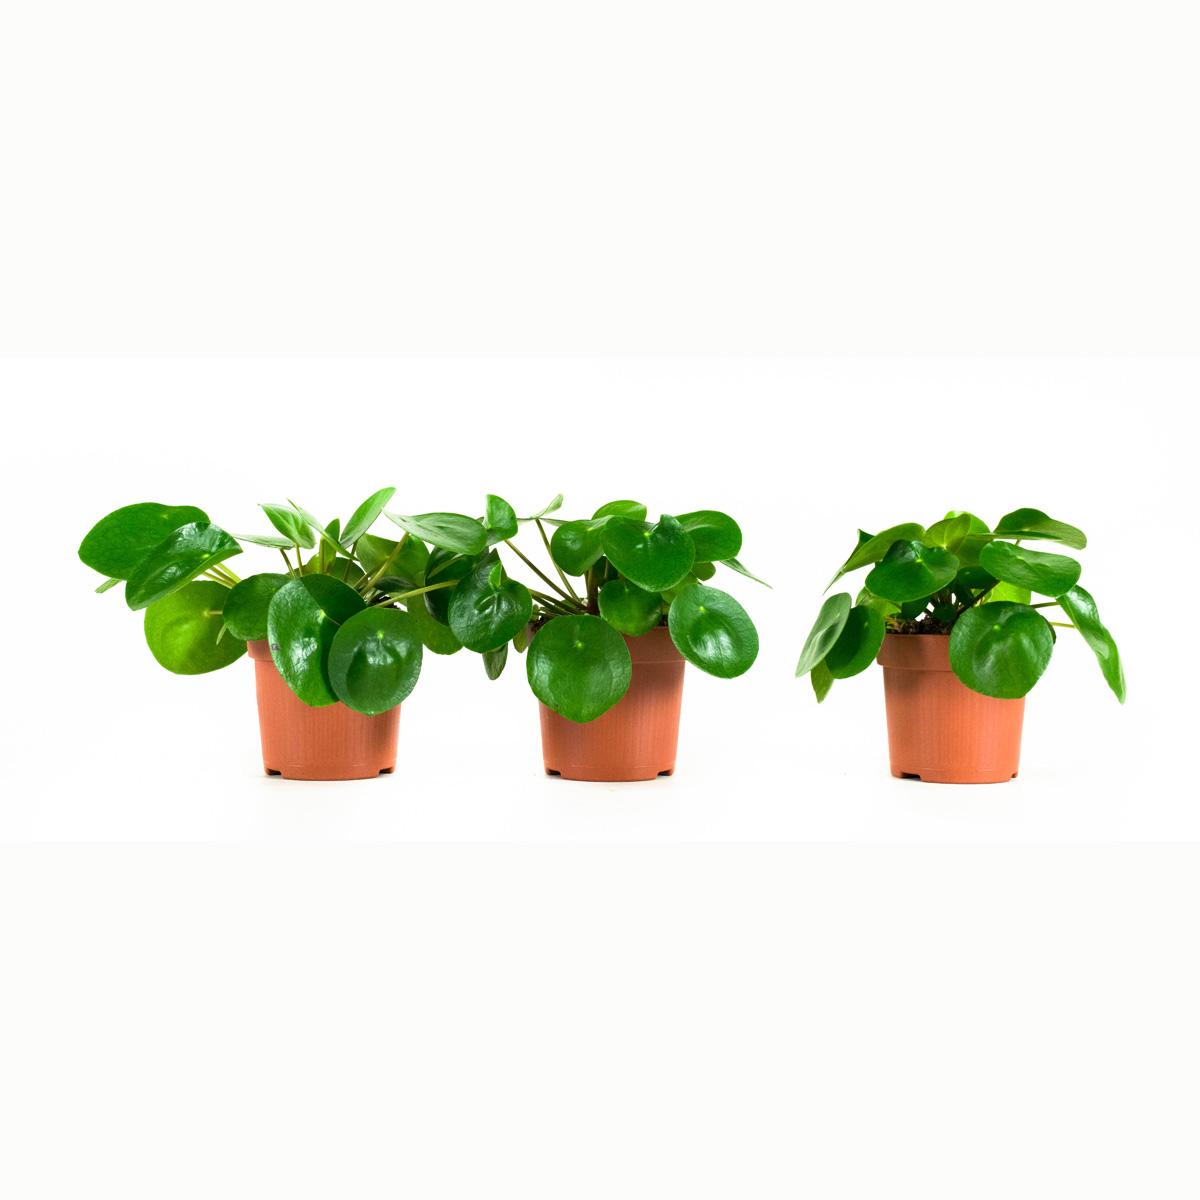 Dagaanbieding - Peperomioides, Pannenkoekenplant dagelijkse koopjes